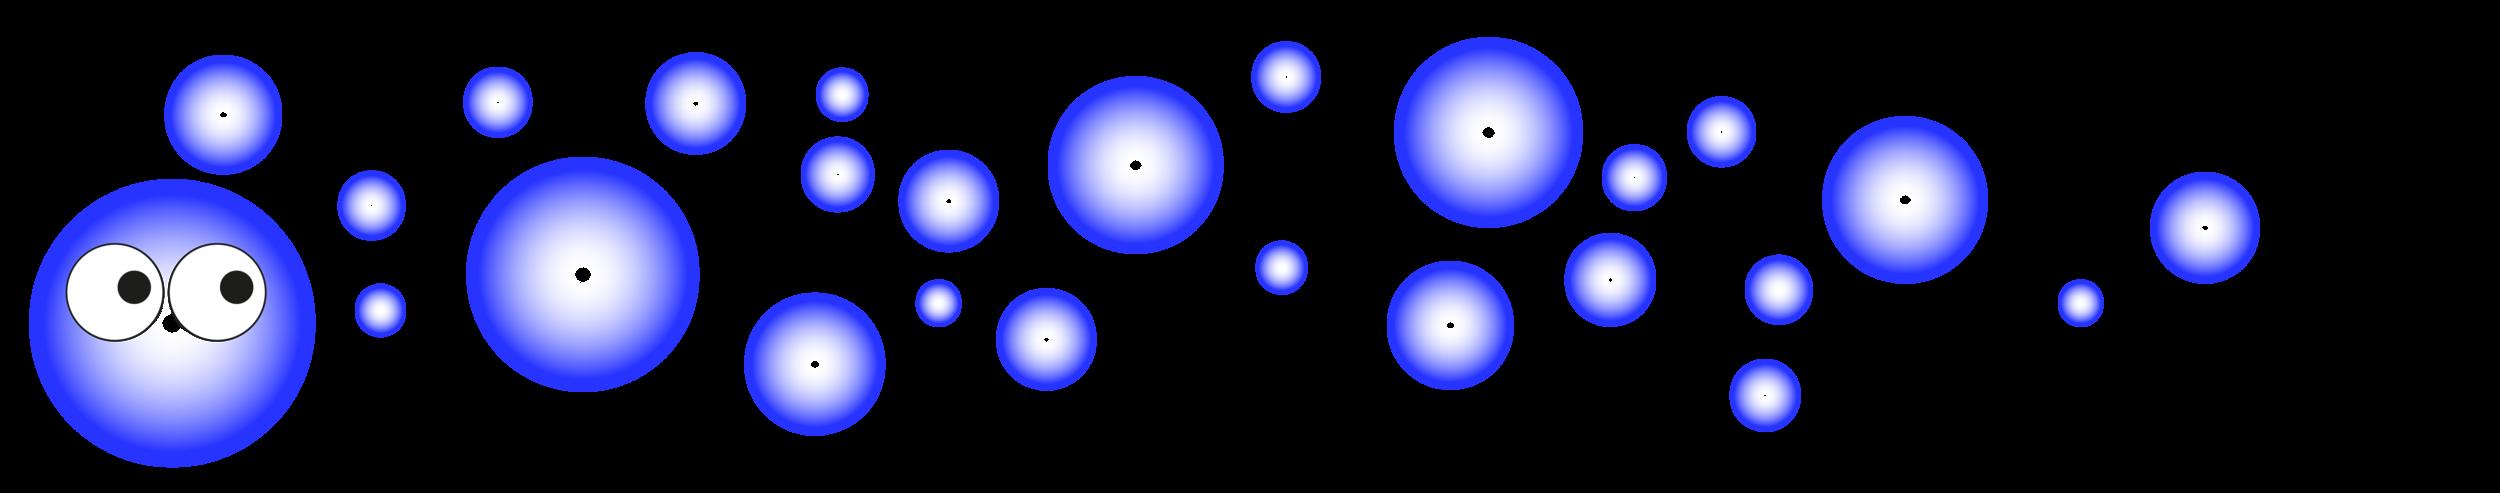 Spheres-01.png